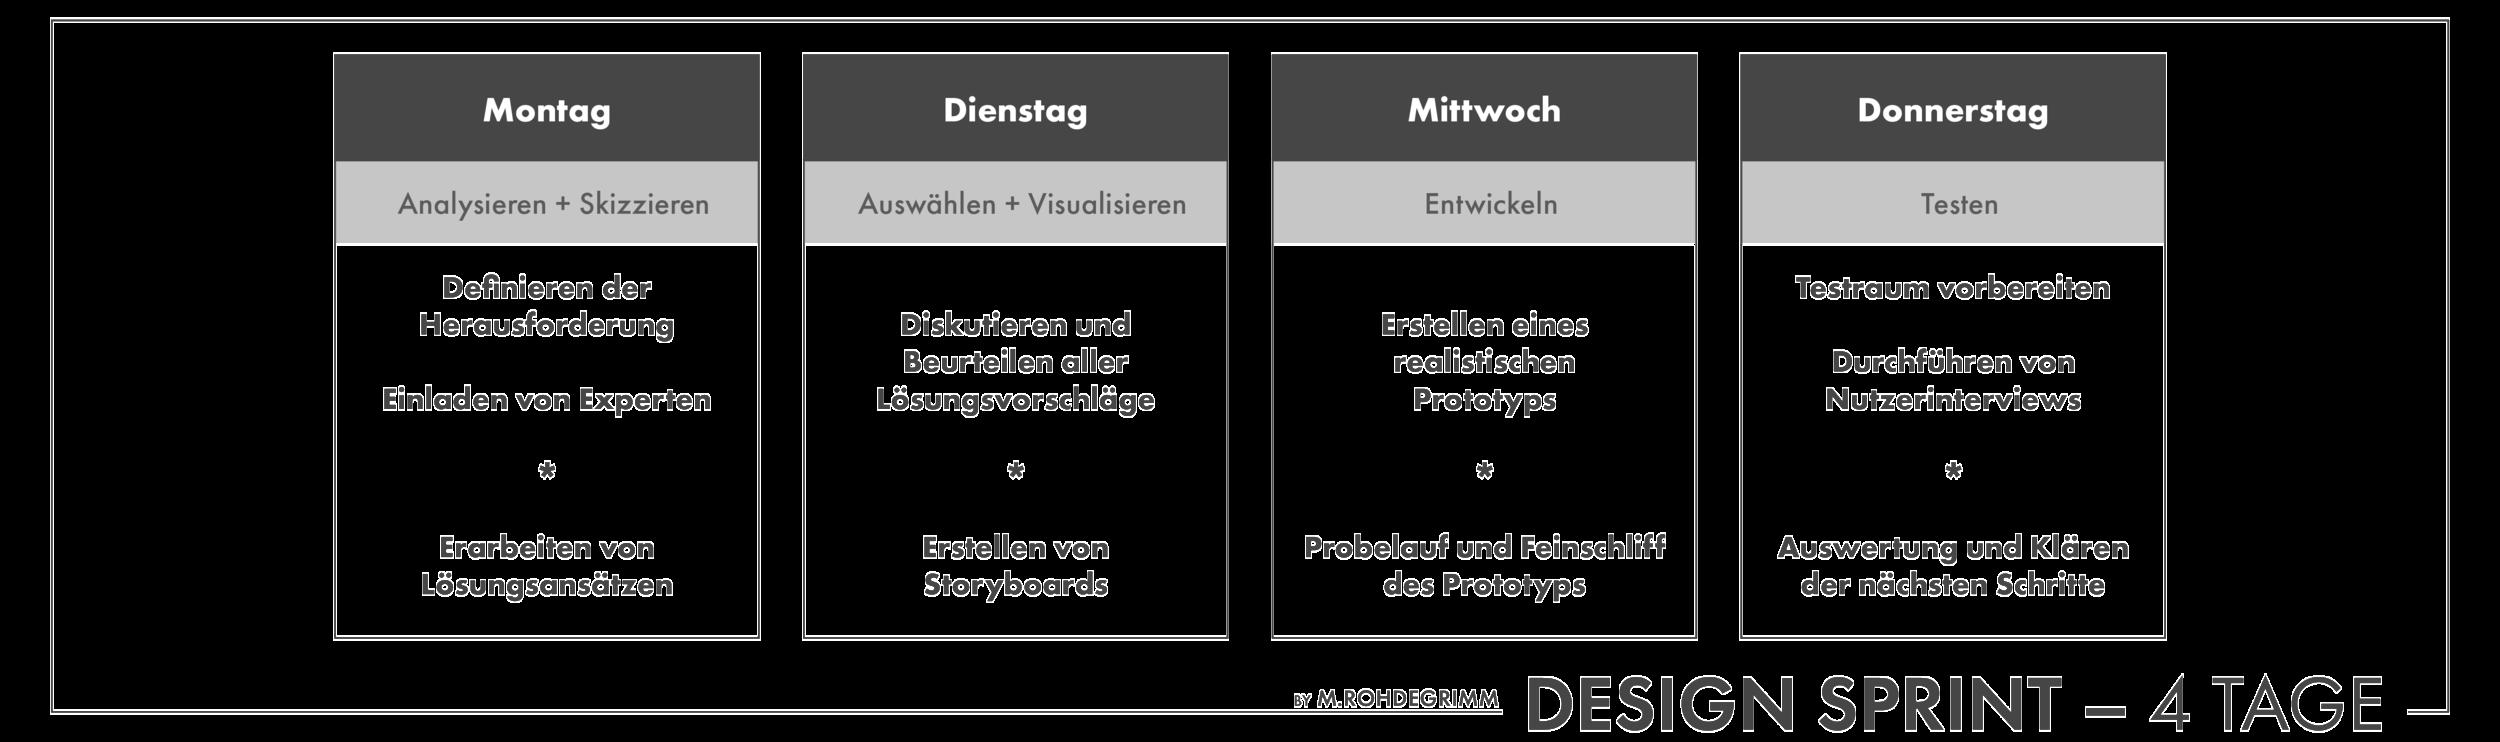 Grafik_Design-Sprint_Agenda_4-Tage.png